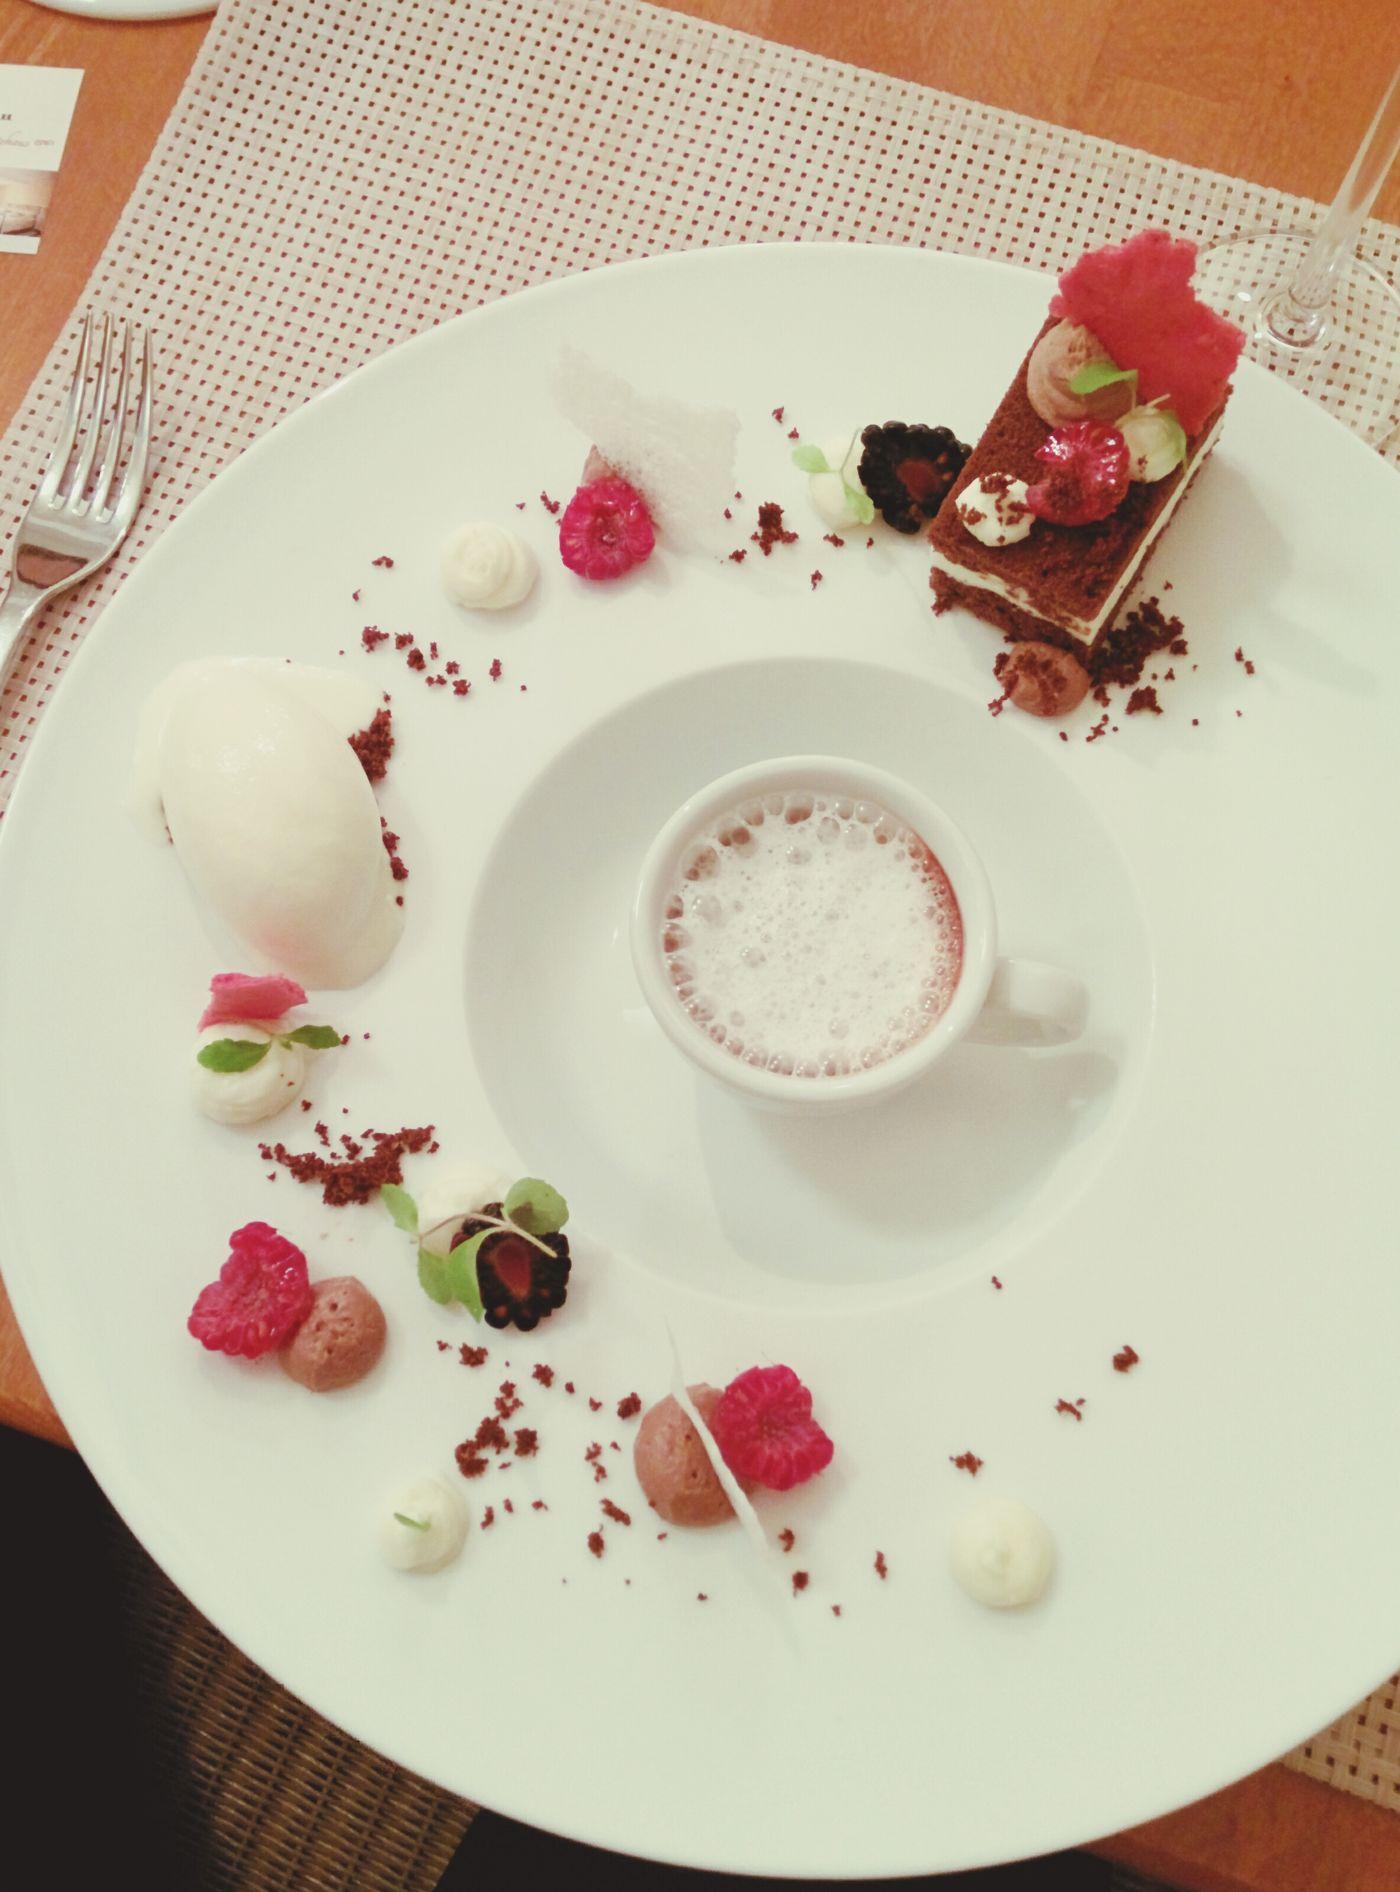 Eine fantastische Schokoladen-Landschaft zum Dessert!